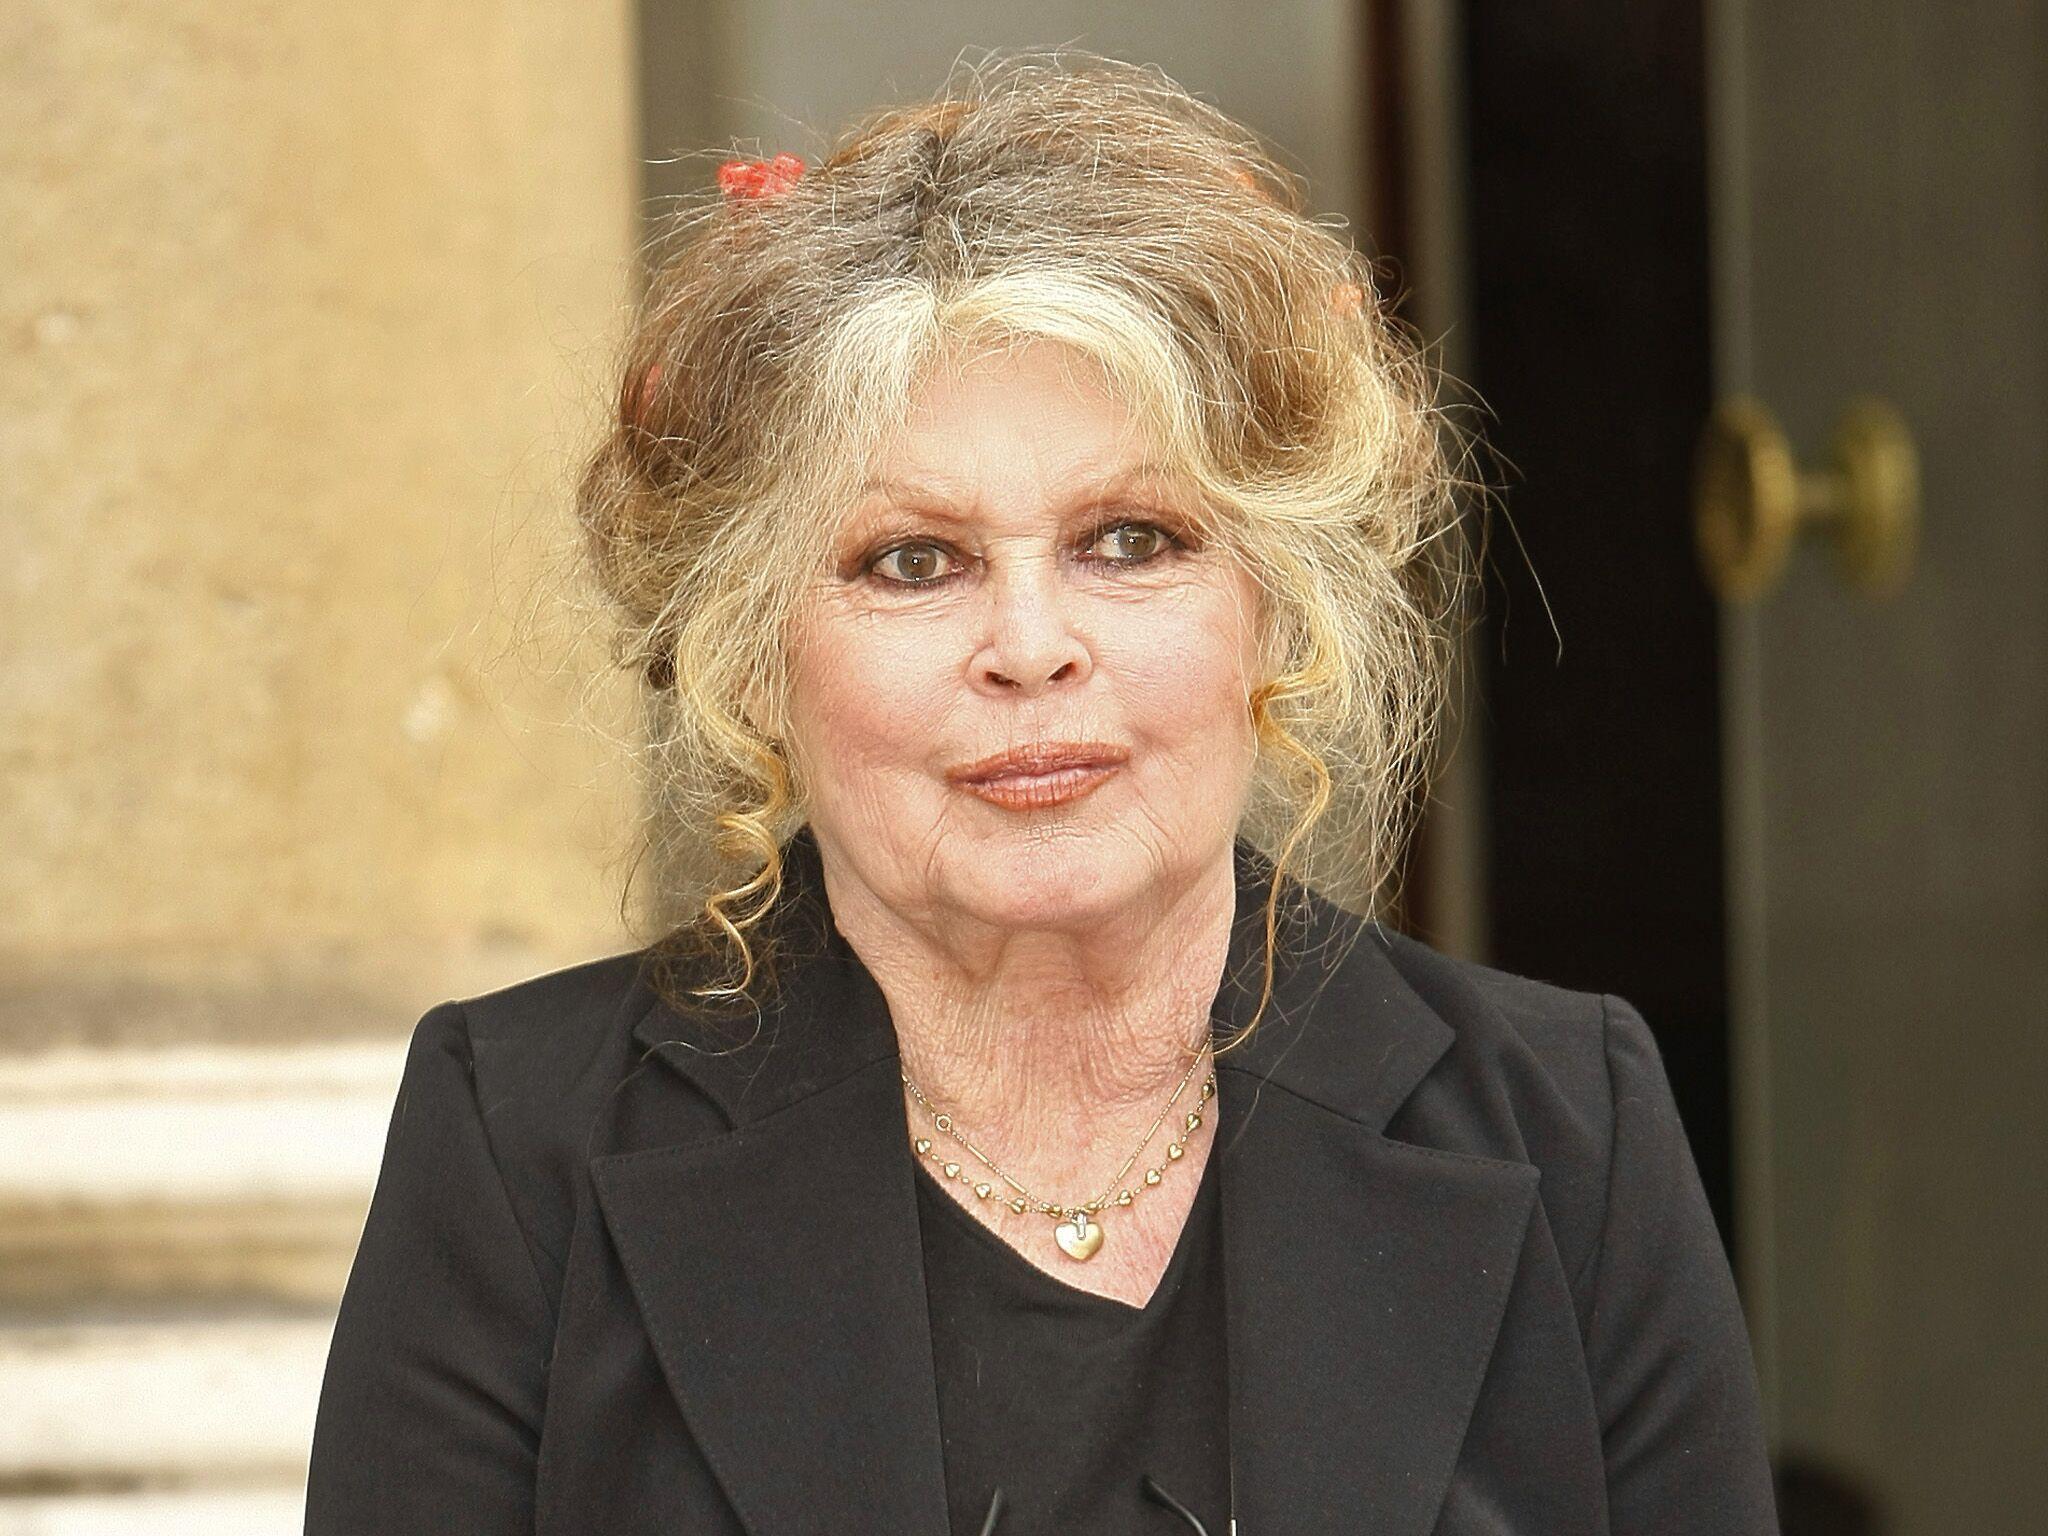 Brigitte Bardot La Biographie De Brigitte Bardot Avec Voici Fr